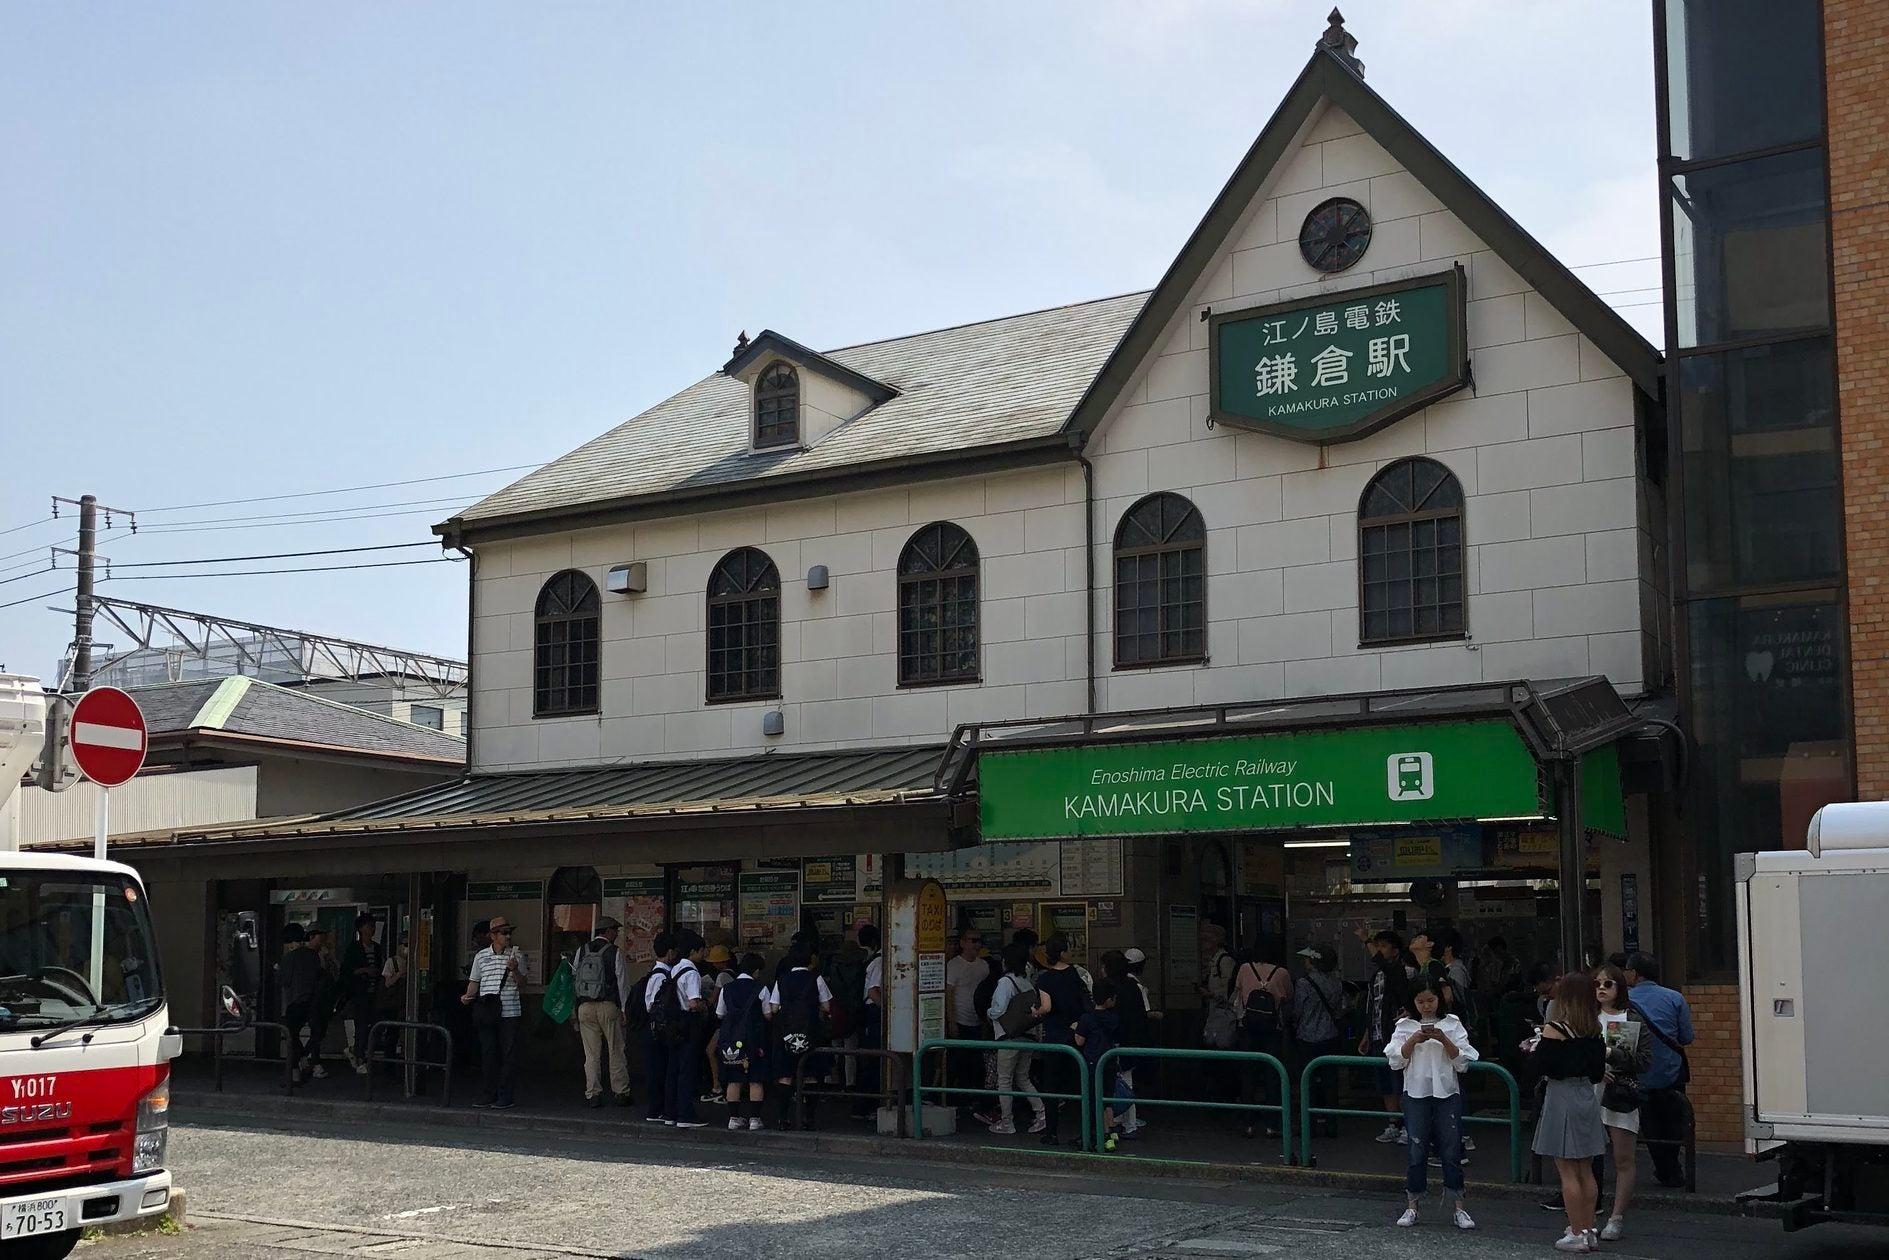 【鎌倉駅徒歩1分】おしゃれなカフェスペース!イベント・物販・ワークショップ・ギャラリーなどに! のサムネイル